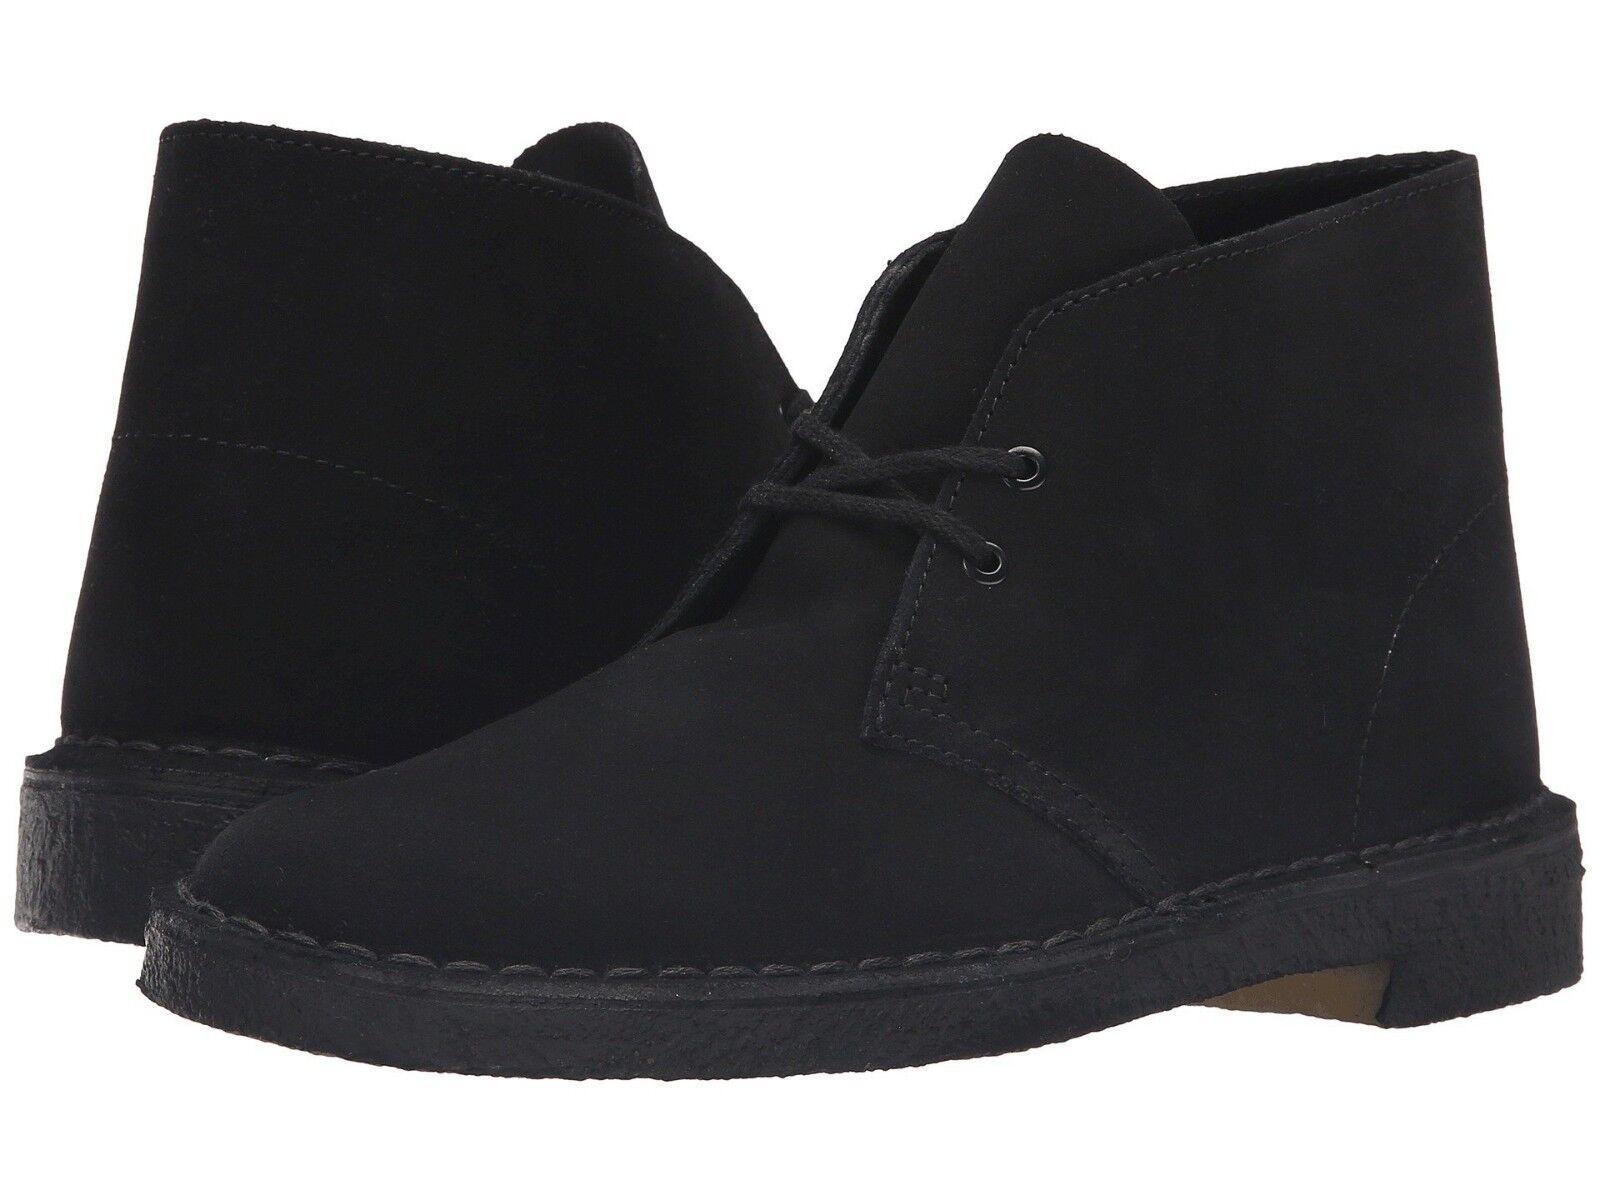 Nuevo Para hombres Cuero Gamuza Negra Clarks Bushacre 2 Chukka botas Zapatos Auténtico